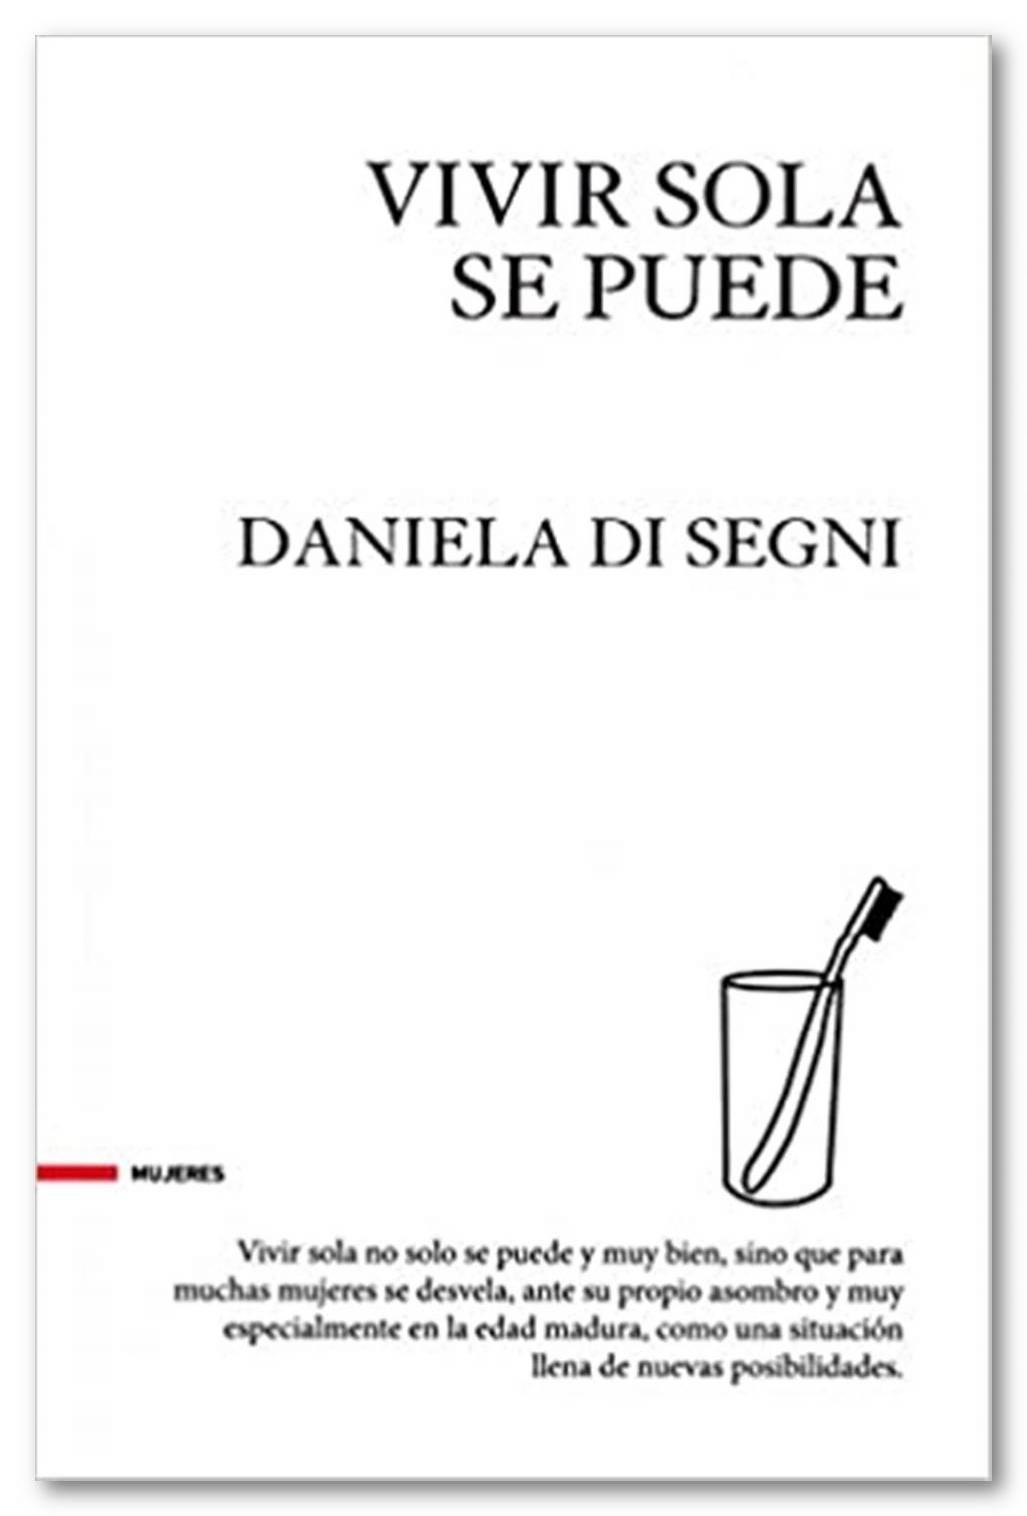 Vivir sola se puede, Daniela Di Segni